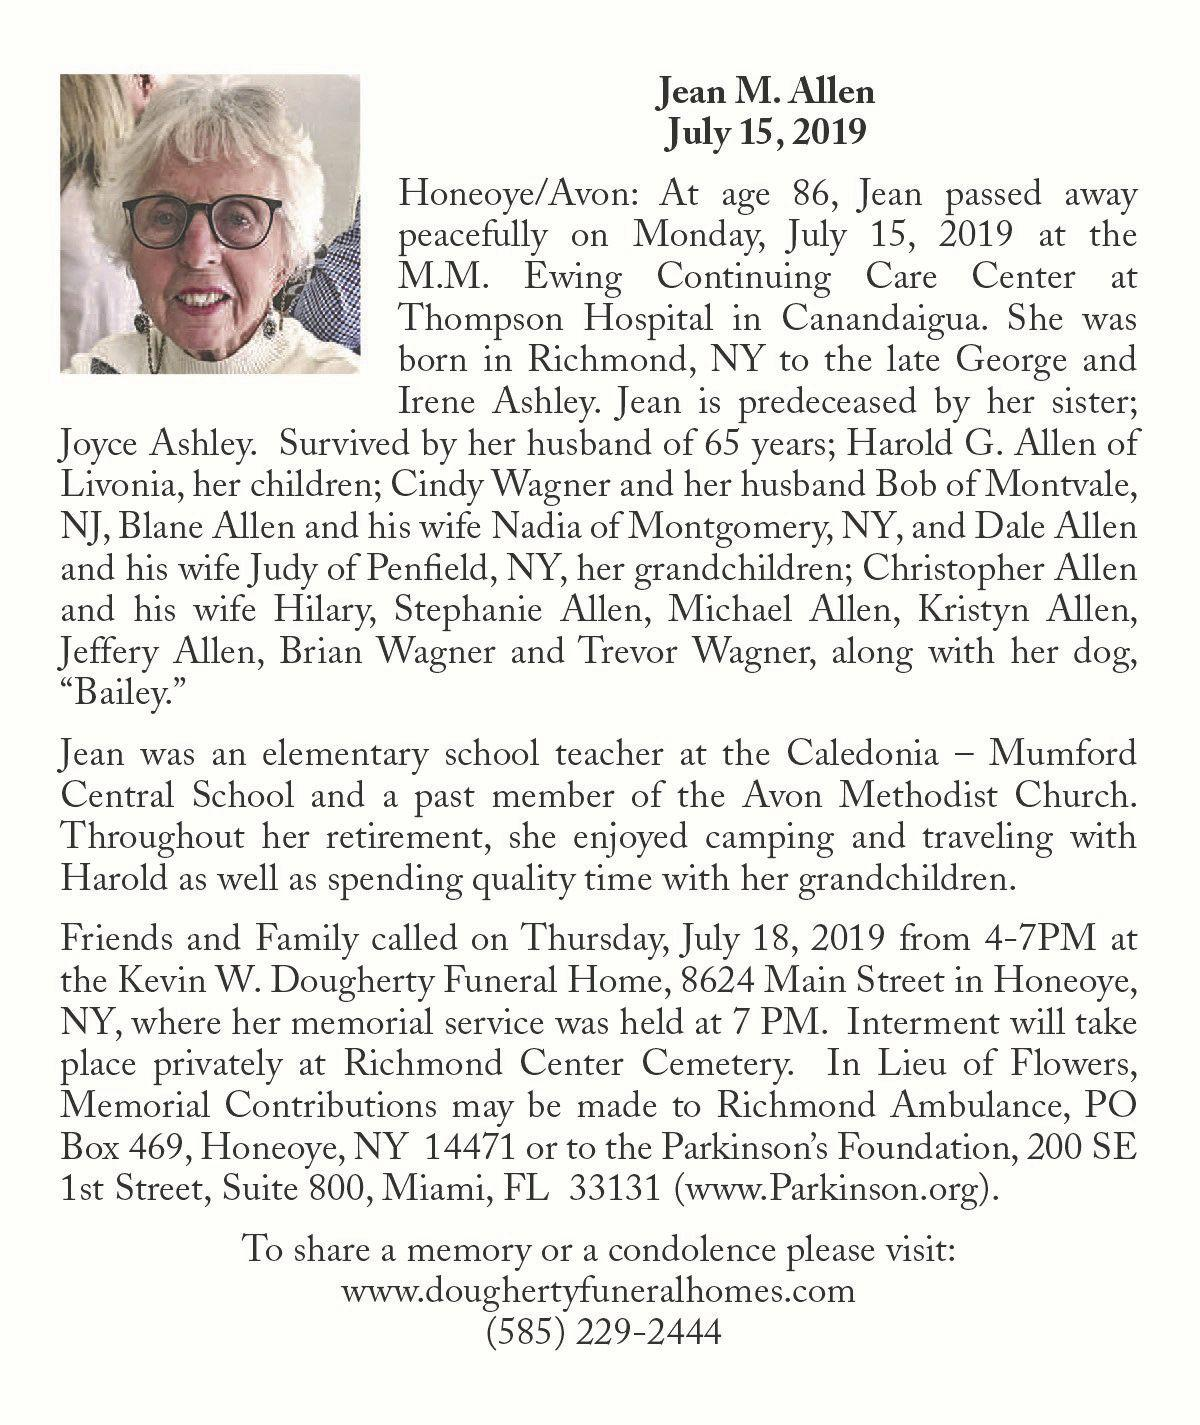 Jean M. Allen ~ July 15, 2019